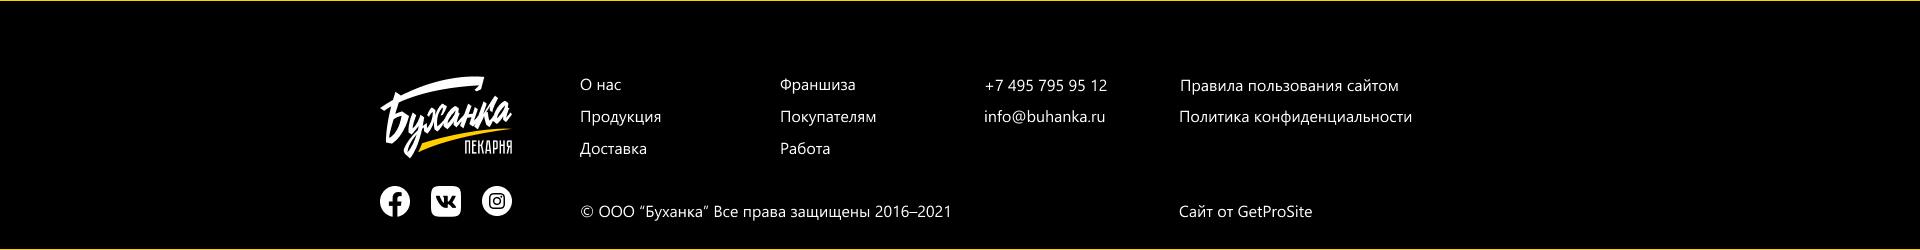 642f874e68